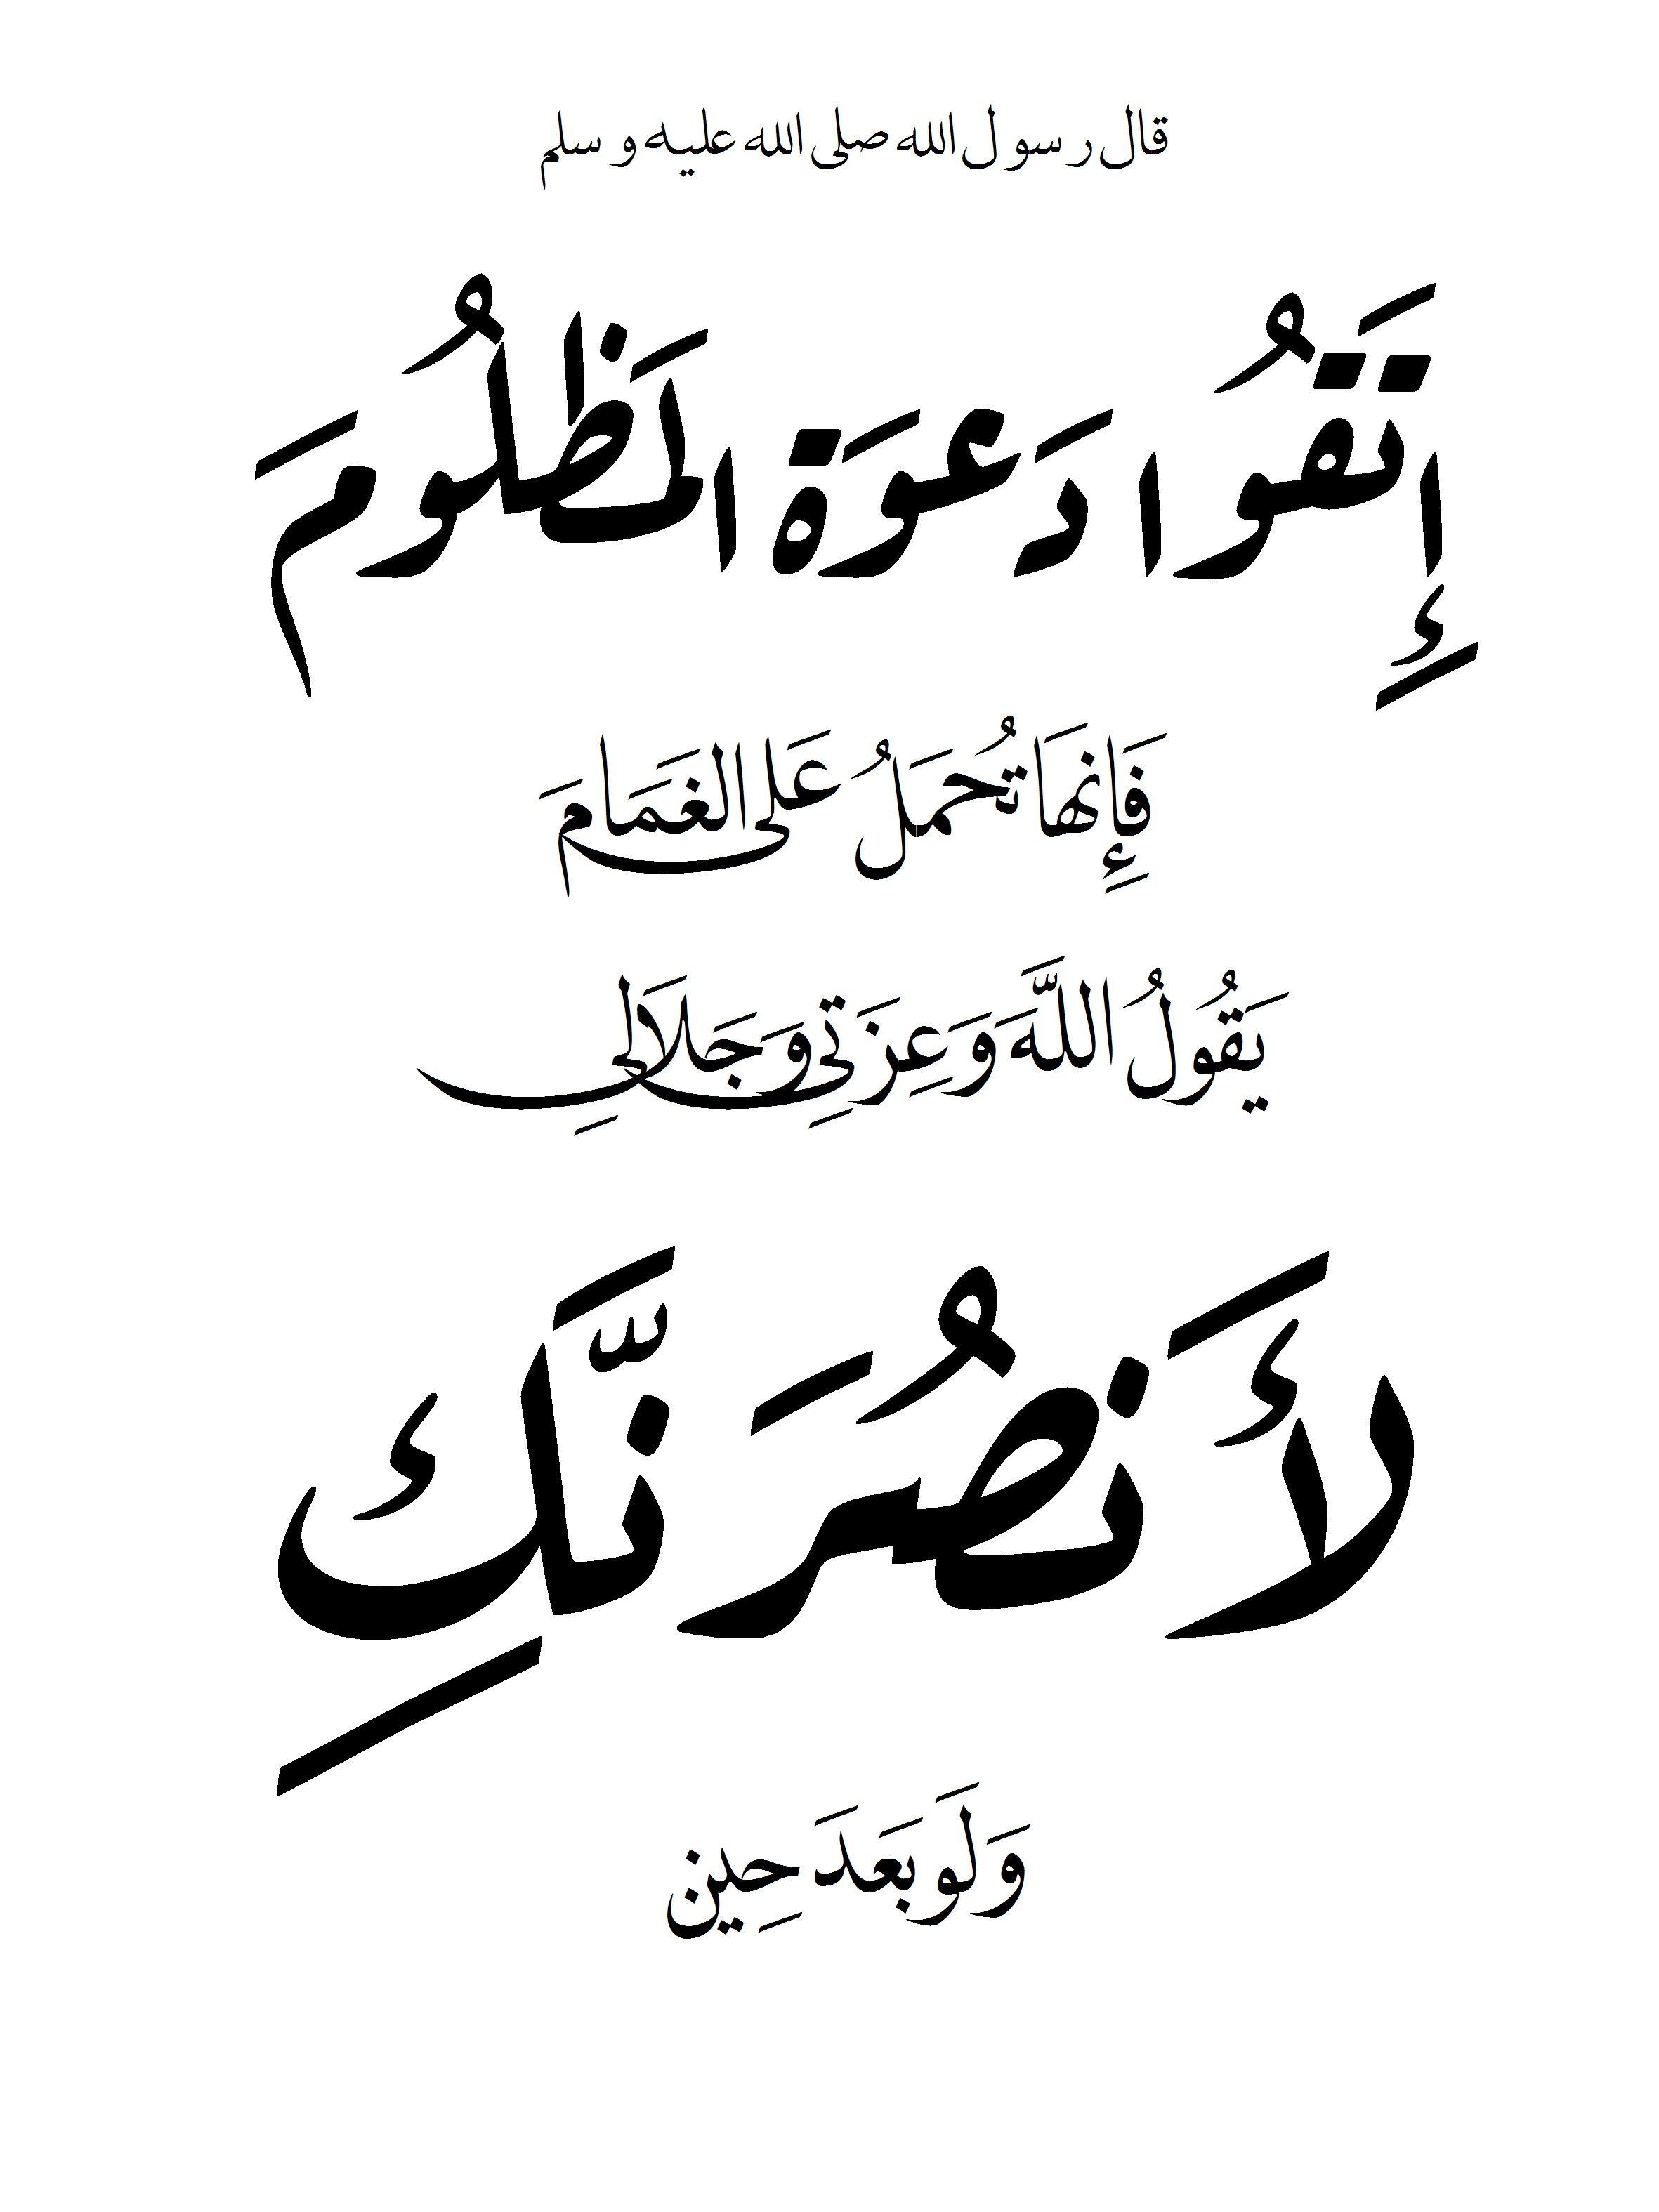 اتقوا دعوة المظلوم فانها تحمل على الغمام Islamic Quotes Quran Verses Words